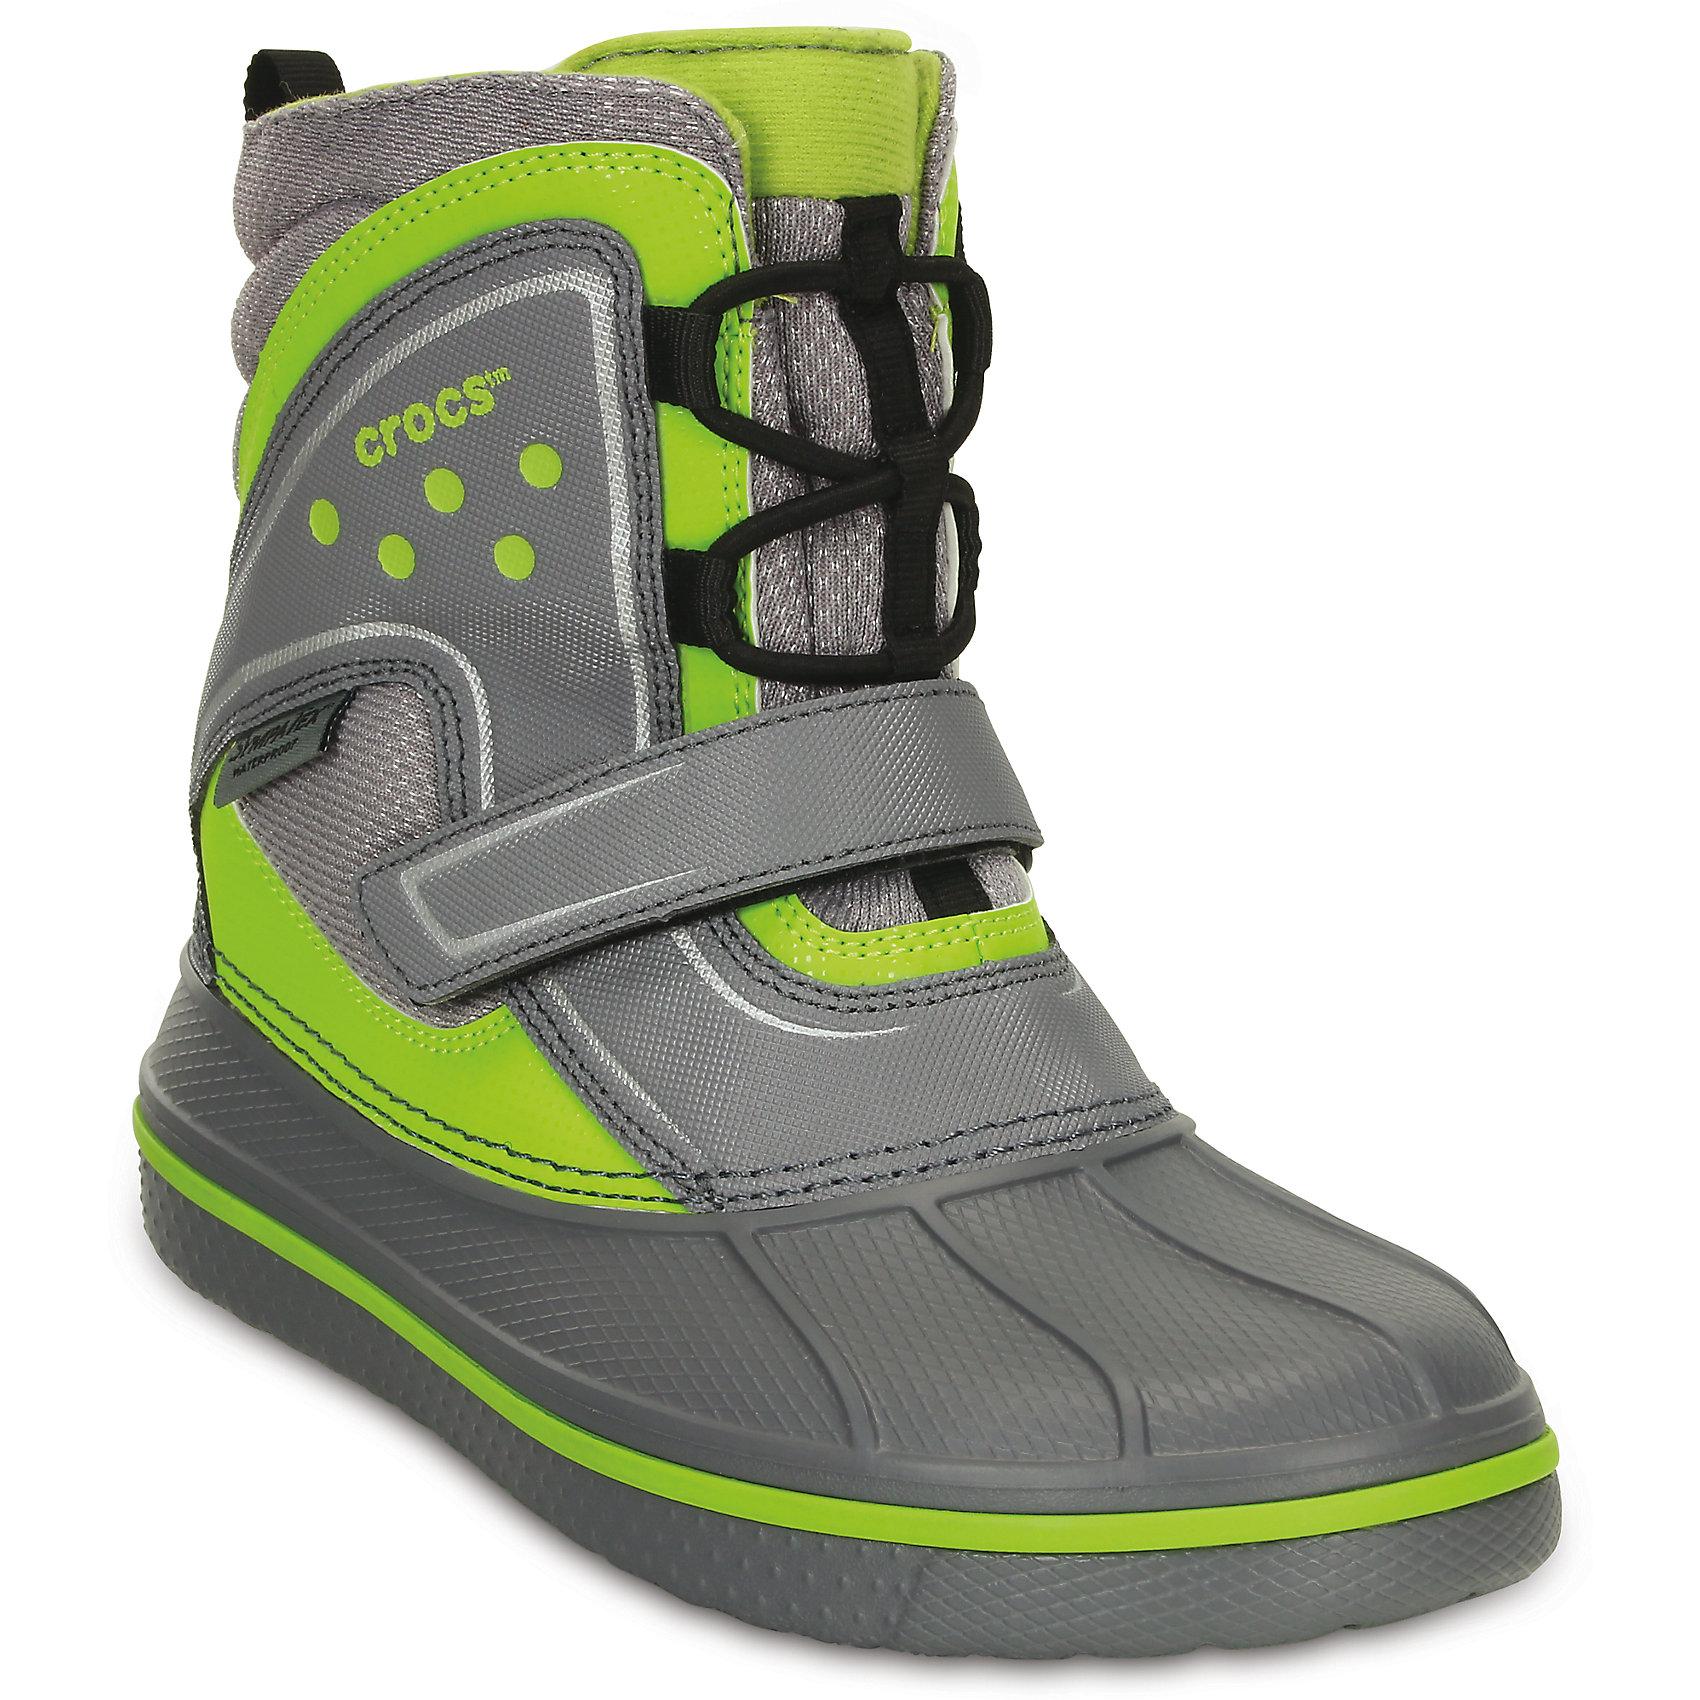 Ботинки CrocsИ в мороз, и в слякоть – в любых условиях и вопреки любым прогнозам синоптиков в этих ботинках ноги останутся сухими и теплыми! Использование мембраны Sympatex® делает их на 100% водонепроницаемыми. Мембрана позволяет обуви «дышать», предохраняет от намокания и сохраняет ноги сухими и теплыми. Верх из искусственной кожи, полностью литая основа из материала Croslite™ для легкости и мягкости при ходьбе. Модель на шнуровке для оптимальной фиксации. Подкладка из материала Thinsulate™ сохранит тепло. Накат из резины на подошве для большей устойчивости. Наличие светоотражающих элементов. Эластичные шнурки облегчат надевание. Глухой язычок предотвращает попадание воды внутрь, а липучки надежно фиксируют ступню. При использовании данной модели необходимо следовать общим рекомендациям по ношению обуви с мембранными материалами.<br><br>Материал Croslite™ (Крослайт) используется при производстве любой пары обуви Crocs. Это отличительная особенность обуви Crocs, секрет ее комфорта и уникальности – то, что делает каждую модель Crocs удобной, легкой, яркой. Данный материал принимает форму стопы, что обеспечивает комфорт в течение всего дня. Обувь легко моется, невероятно легкая и мягкая.<br><br>Состав: Полимерный материал Крослайт.<br><br>Ширина мм: 262<br>Глубина мм: 176<br>Высота мм: 97<br>Вес г: 427<br>Цвет: серый<br>Возраст от месяцев: 108<br>Возраст до месяцев: 120<br>Пол: Унисекс<br>Возраст: Детский<br>Размер: 30,32,36,37,33,26,31,34,29,28,27<br>SKU: 4218029